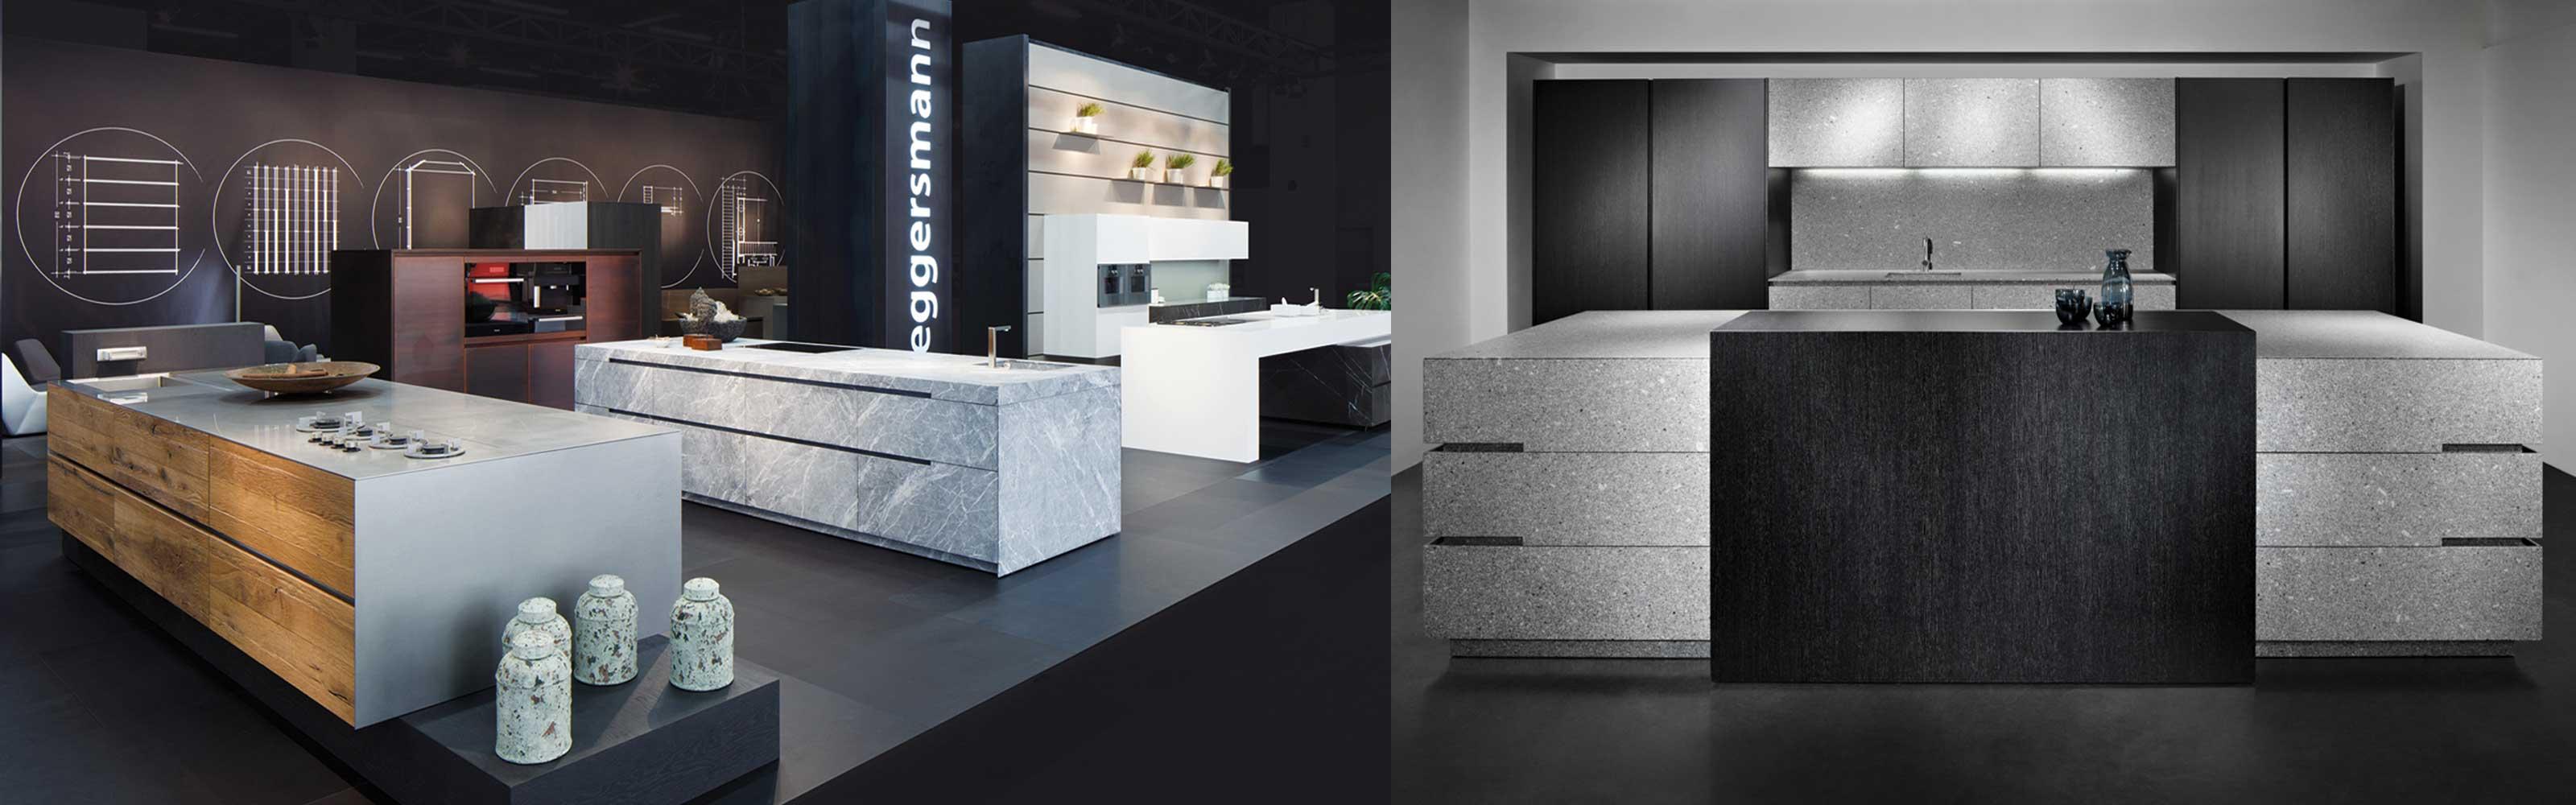 eggersmann kitchens home living design center of the. Black Bedroom Furniture Sets. Home Design Ideas